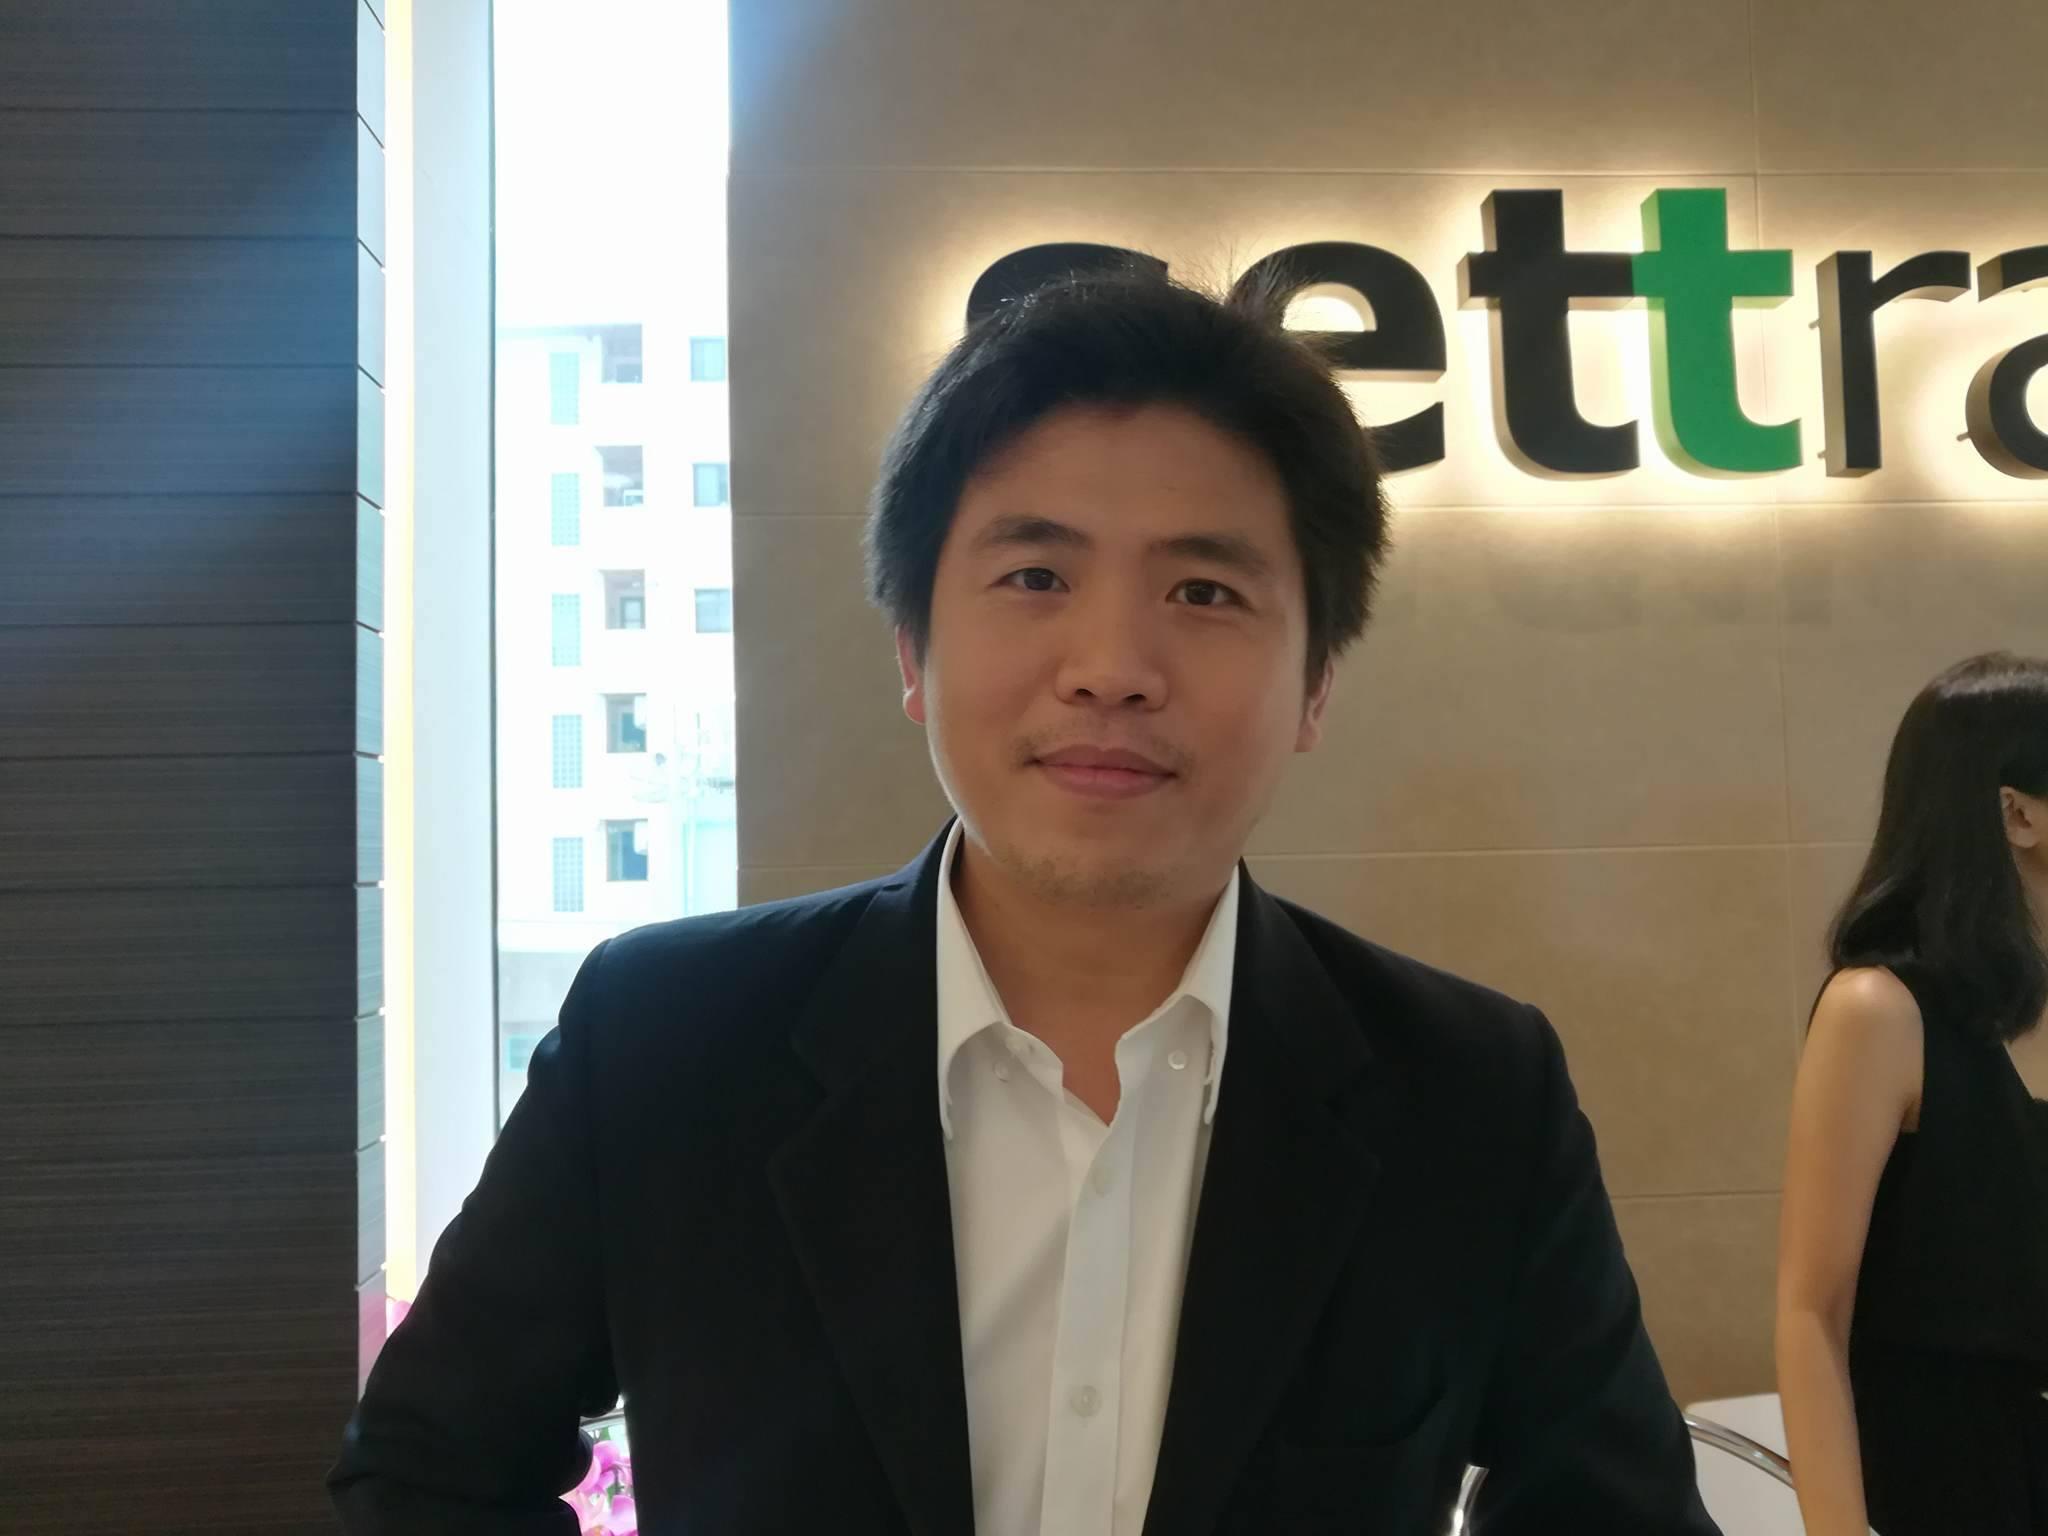 นายประกิต สิริวัฒนเกตุ ผู้อำนวยการฝ่ายวิเคราะห์หลักทรัพย์ บริษัทหลักทรัพย์ กสิกรไทย